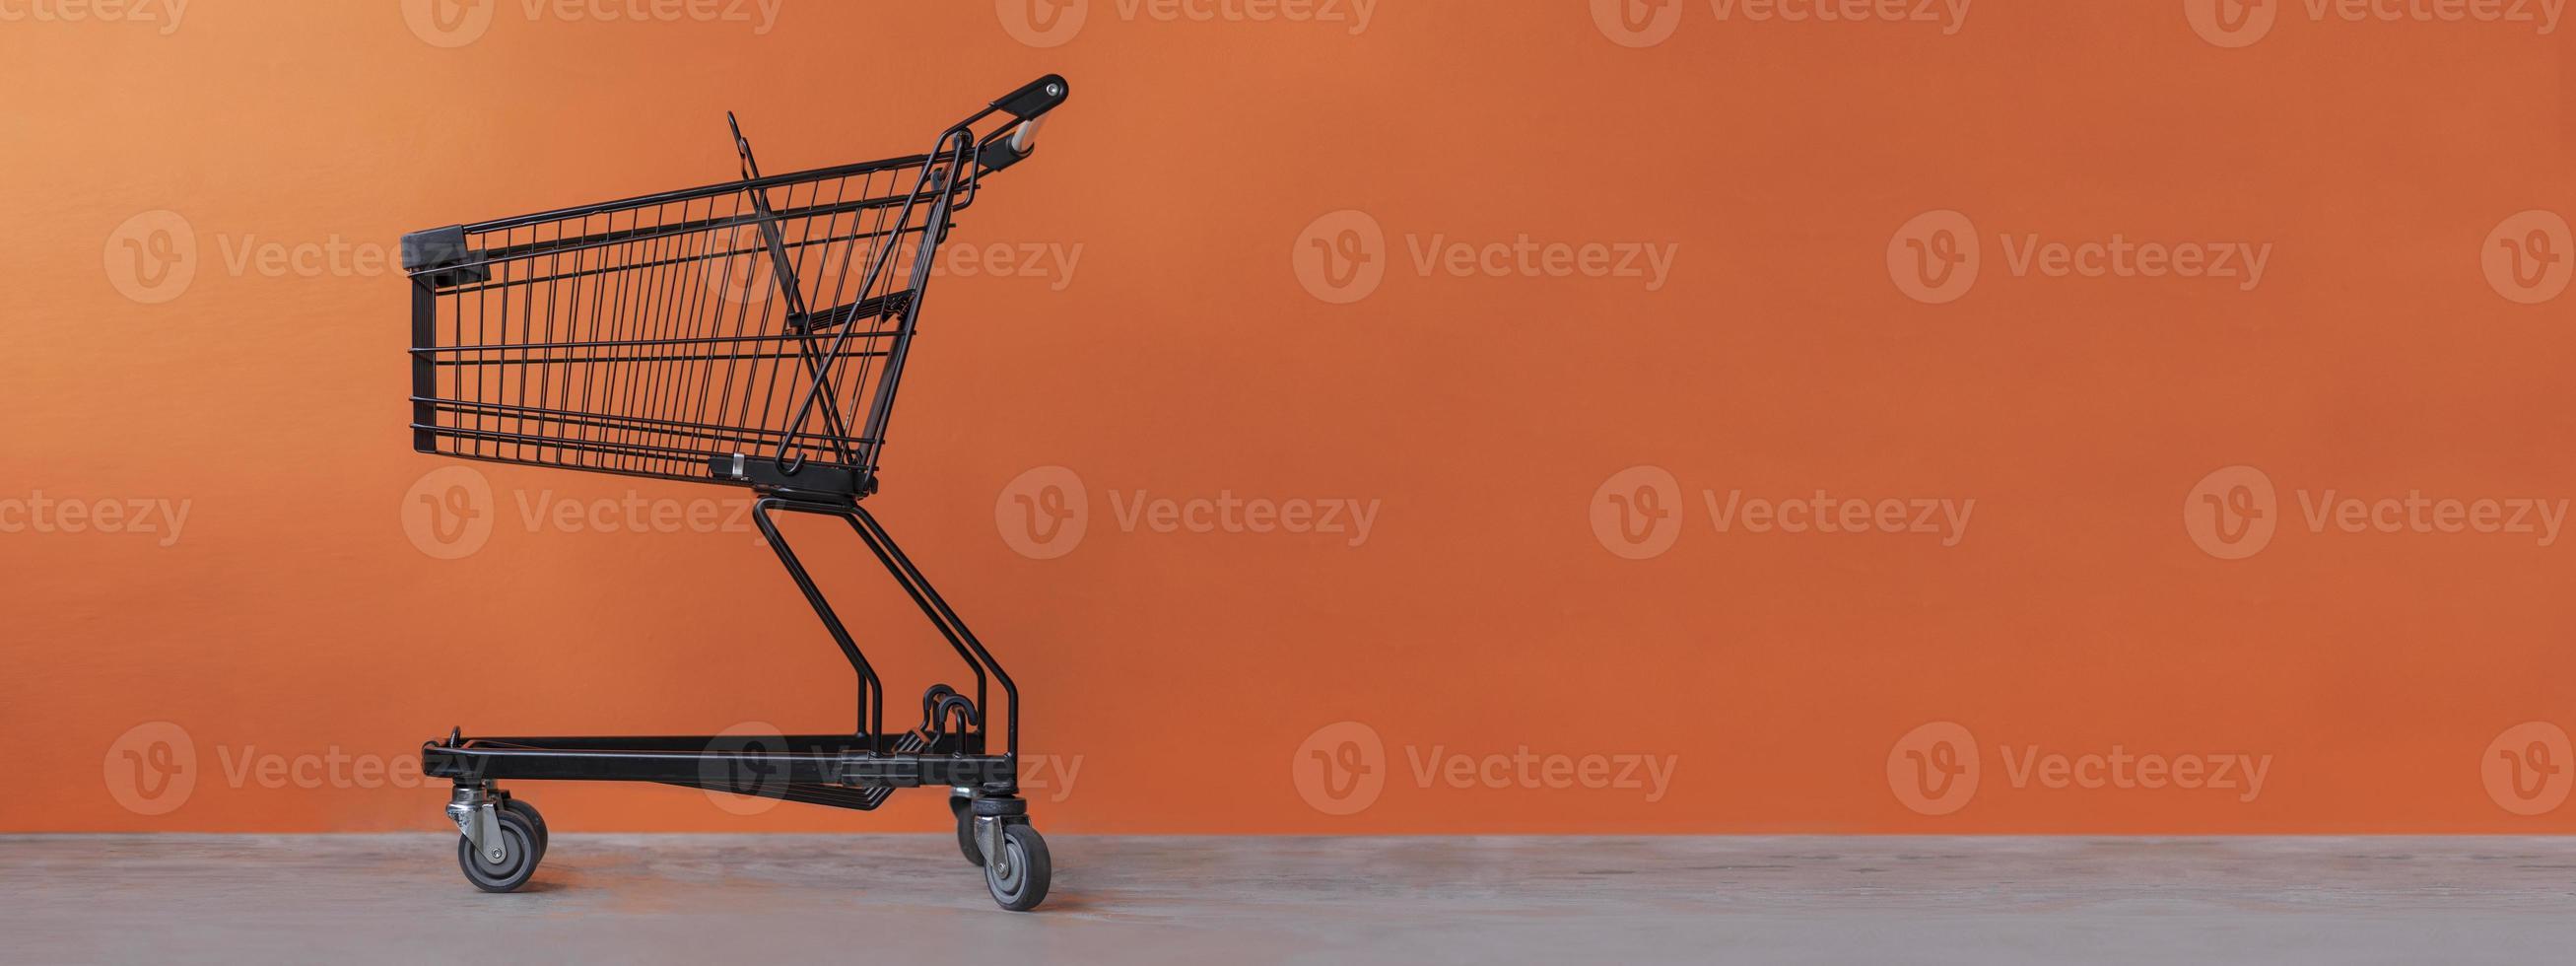 kundvagn på en orange bakgrund foto